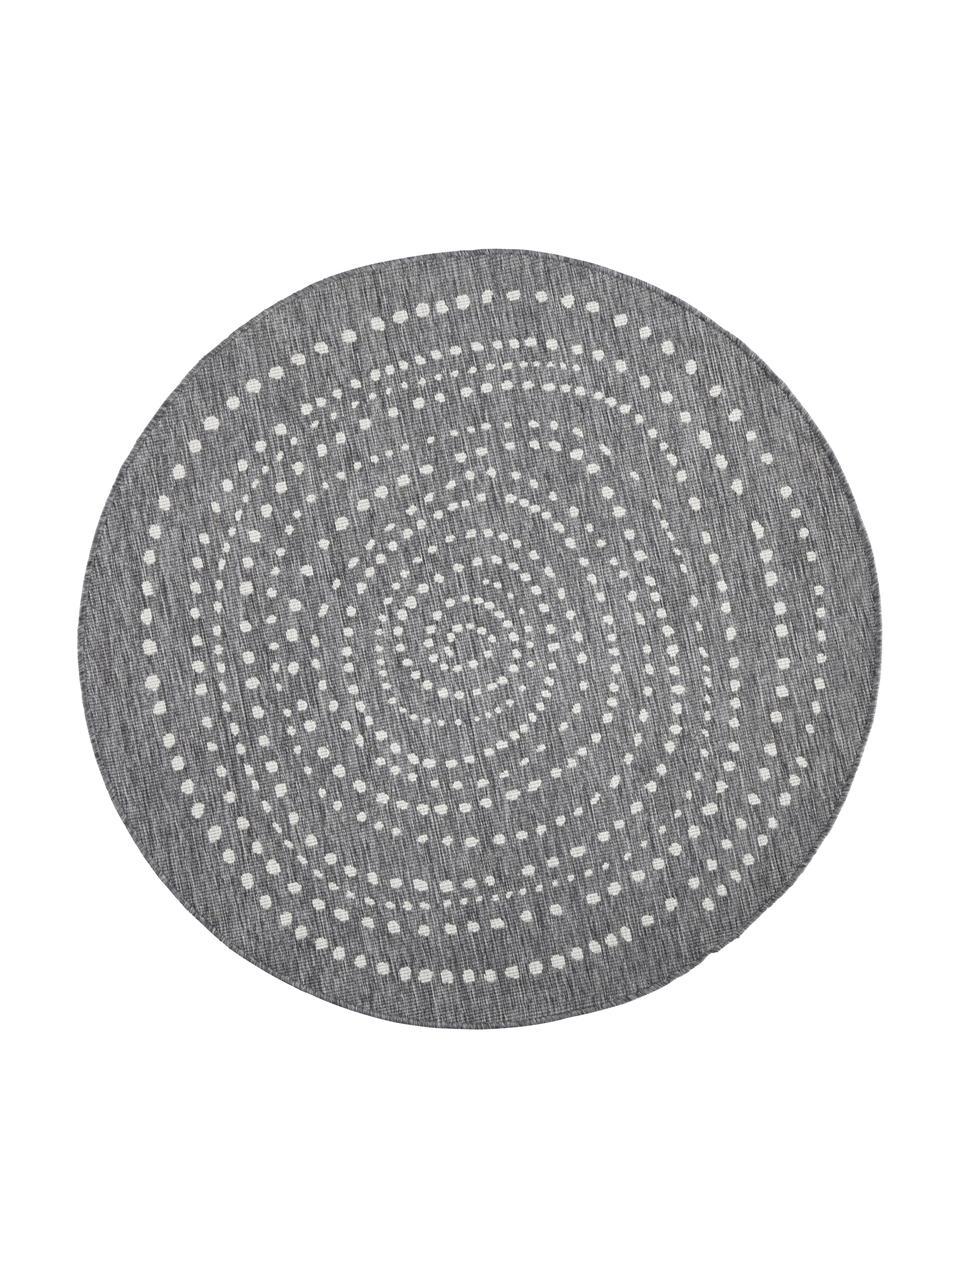 Okrągły dwustronny dywan wewnętrzny/zewnętrzny Bali, Szary, odcienie kremowego, Ø 140 cm (Rozmiar M)